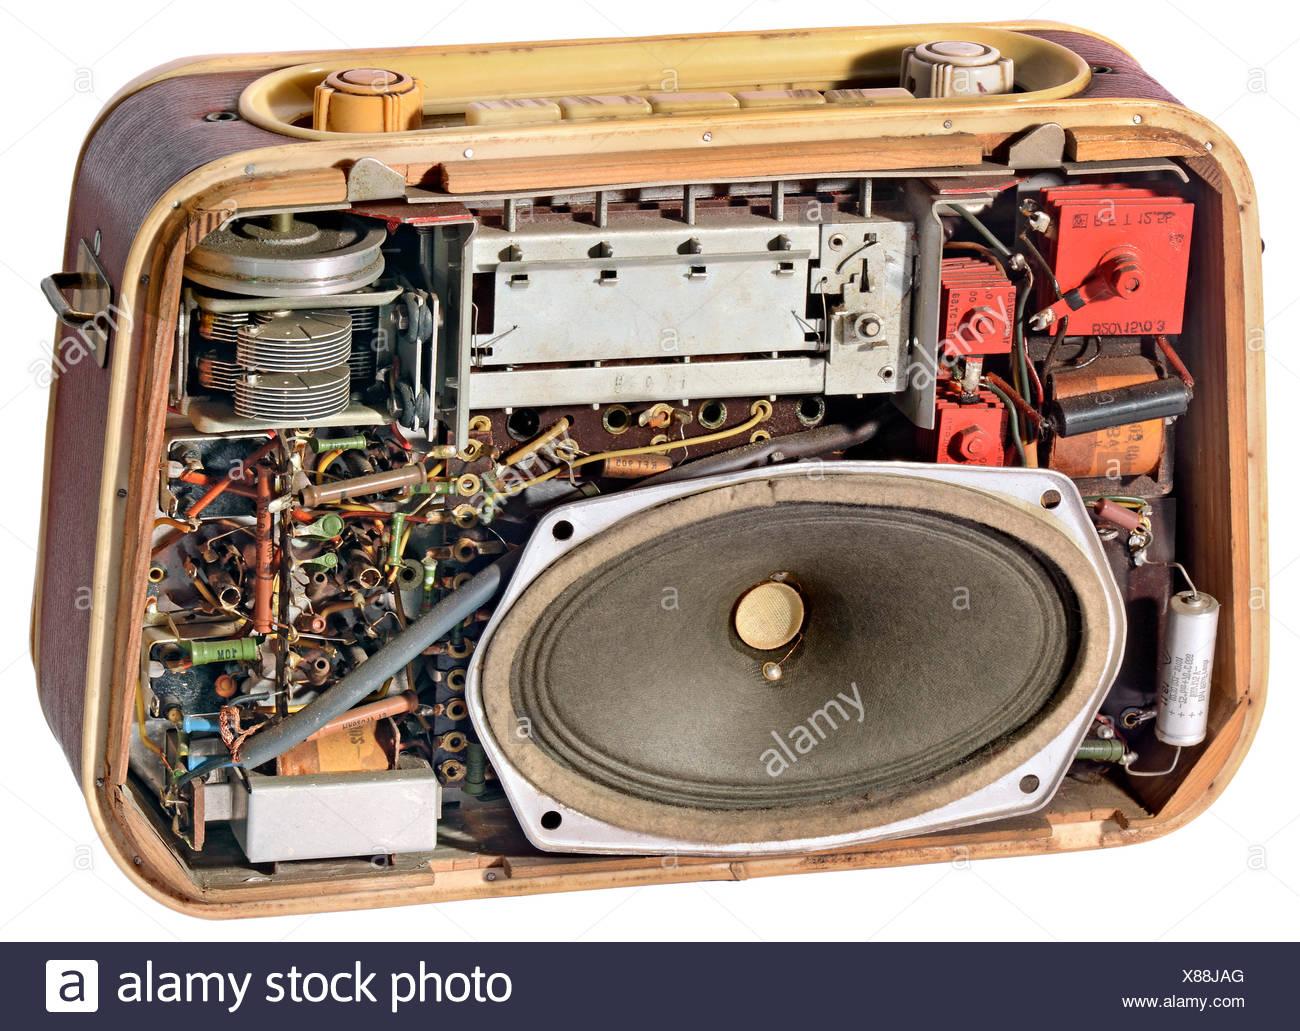 1950s Radio